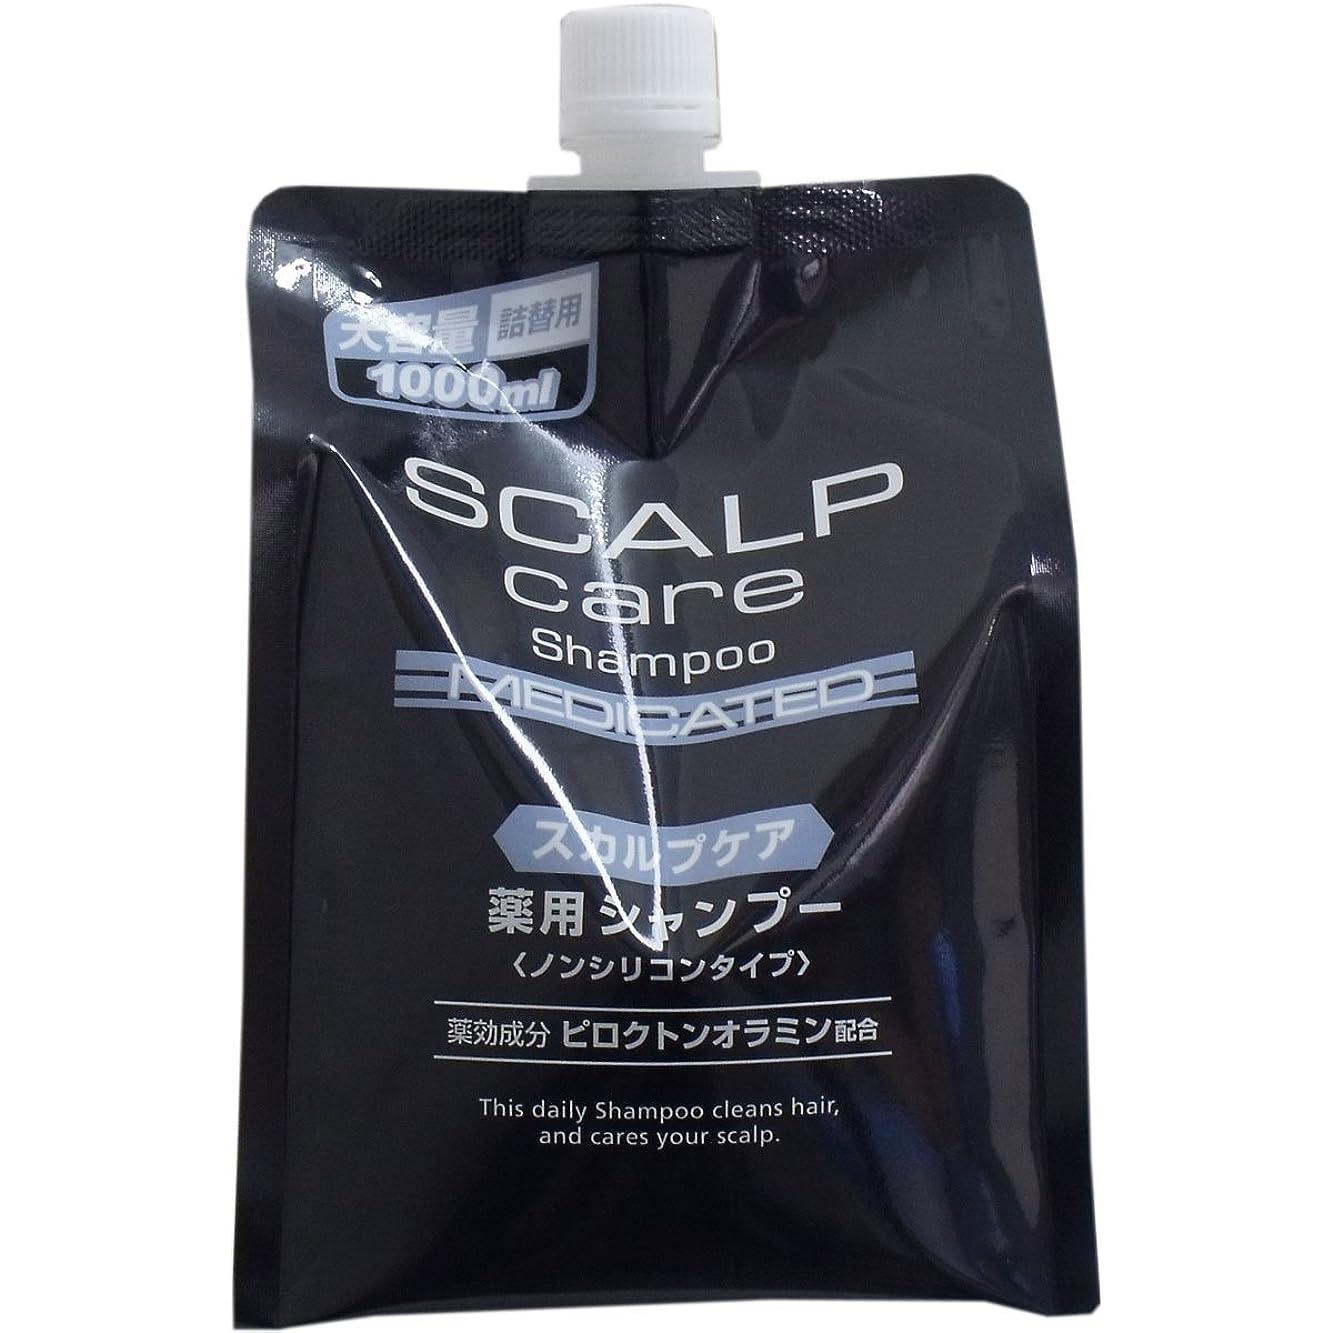 折り目透明に体系的にピース薬品 スカルプシャンプー 大容量詰替用 1000ml